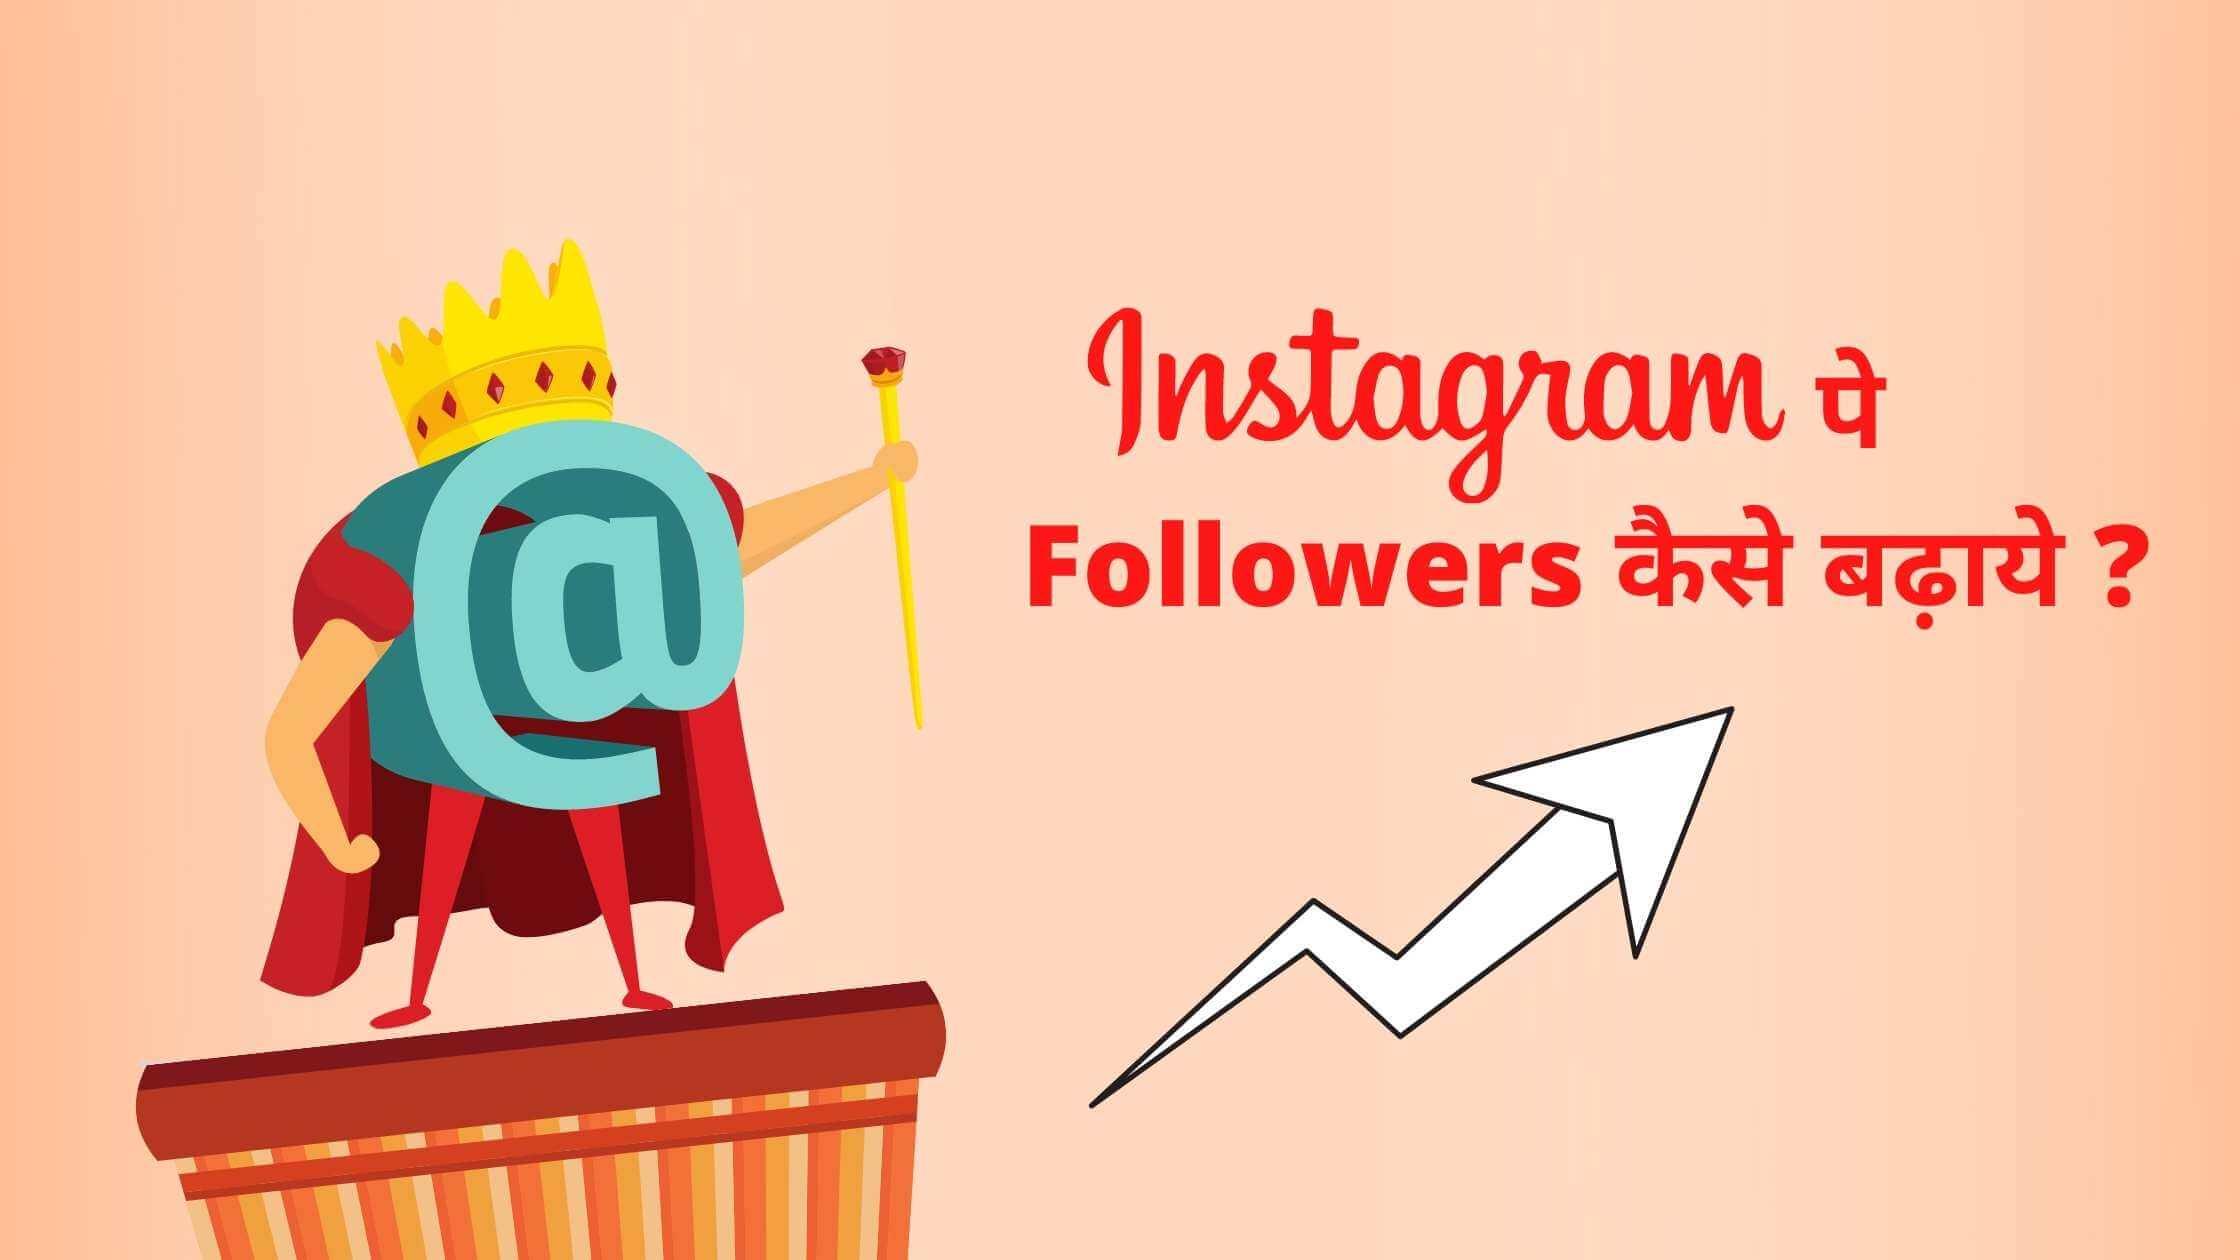 15+ तरीके Instagram followers kaise badhaye 2021 के नए तरीके